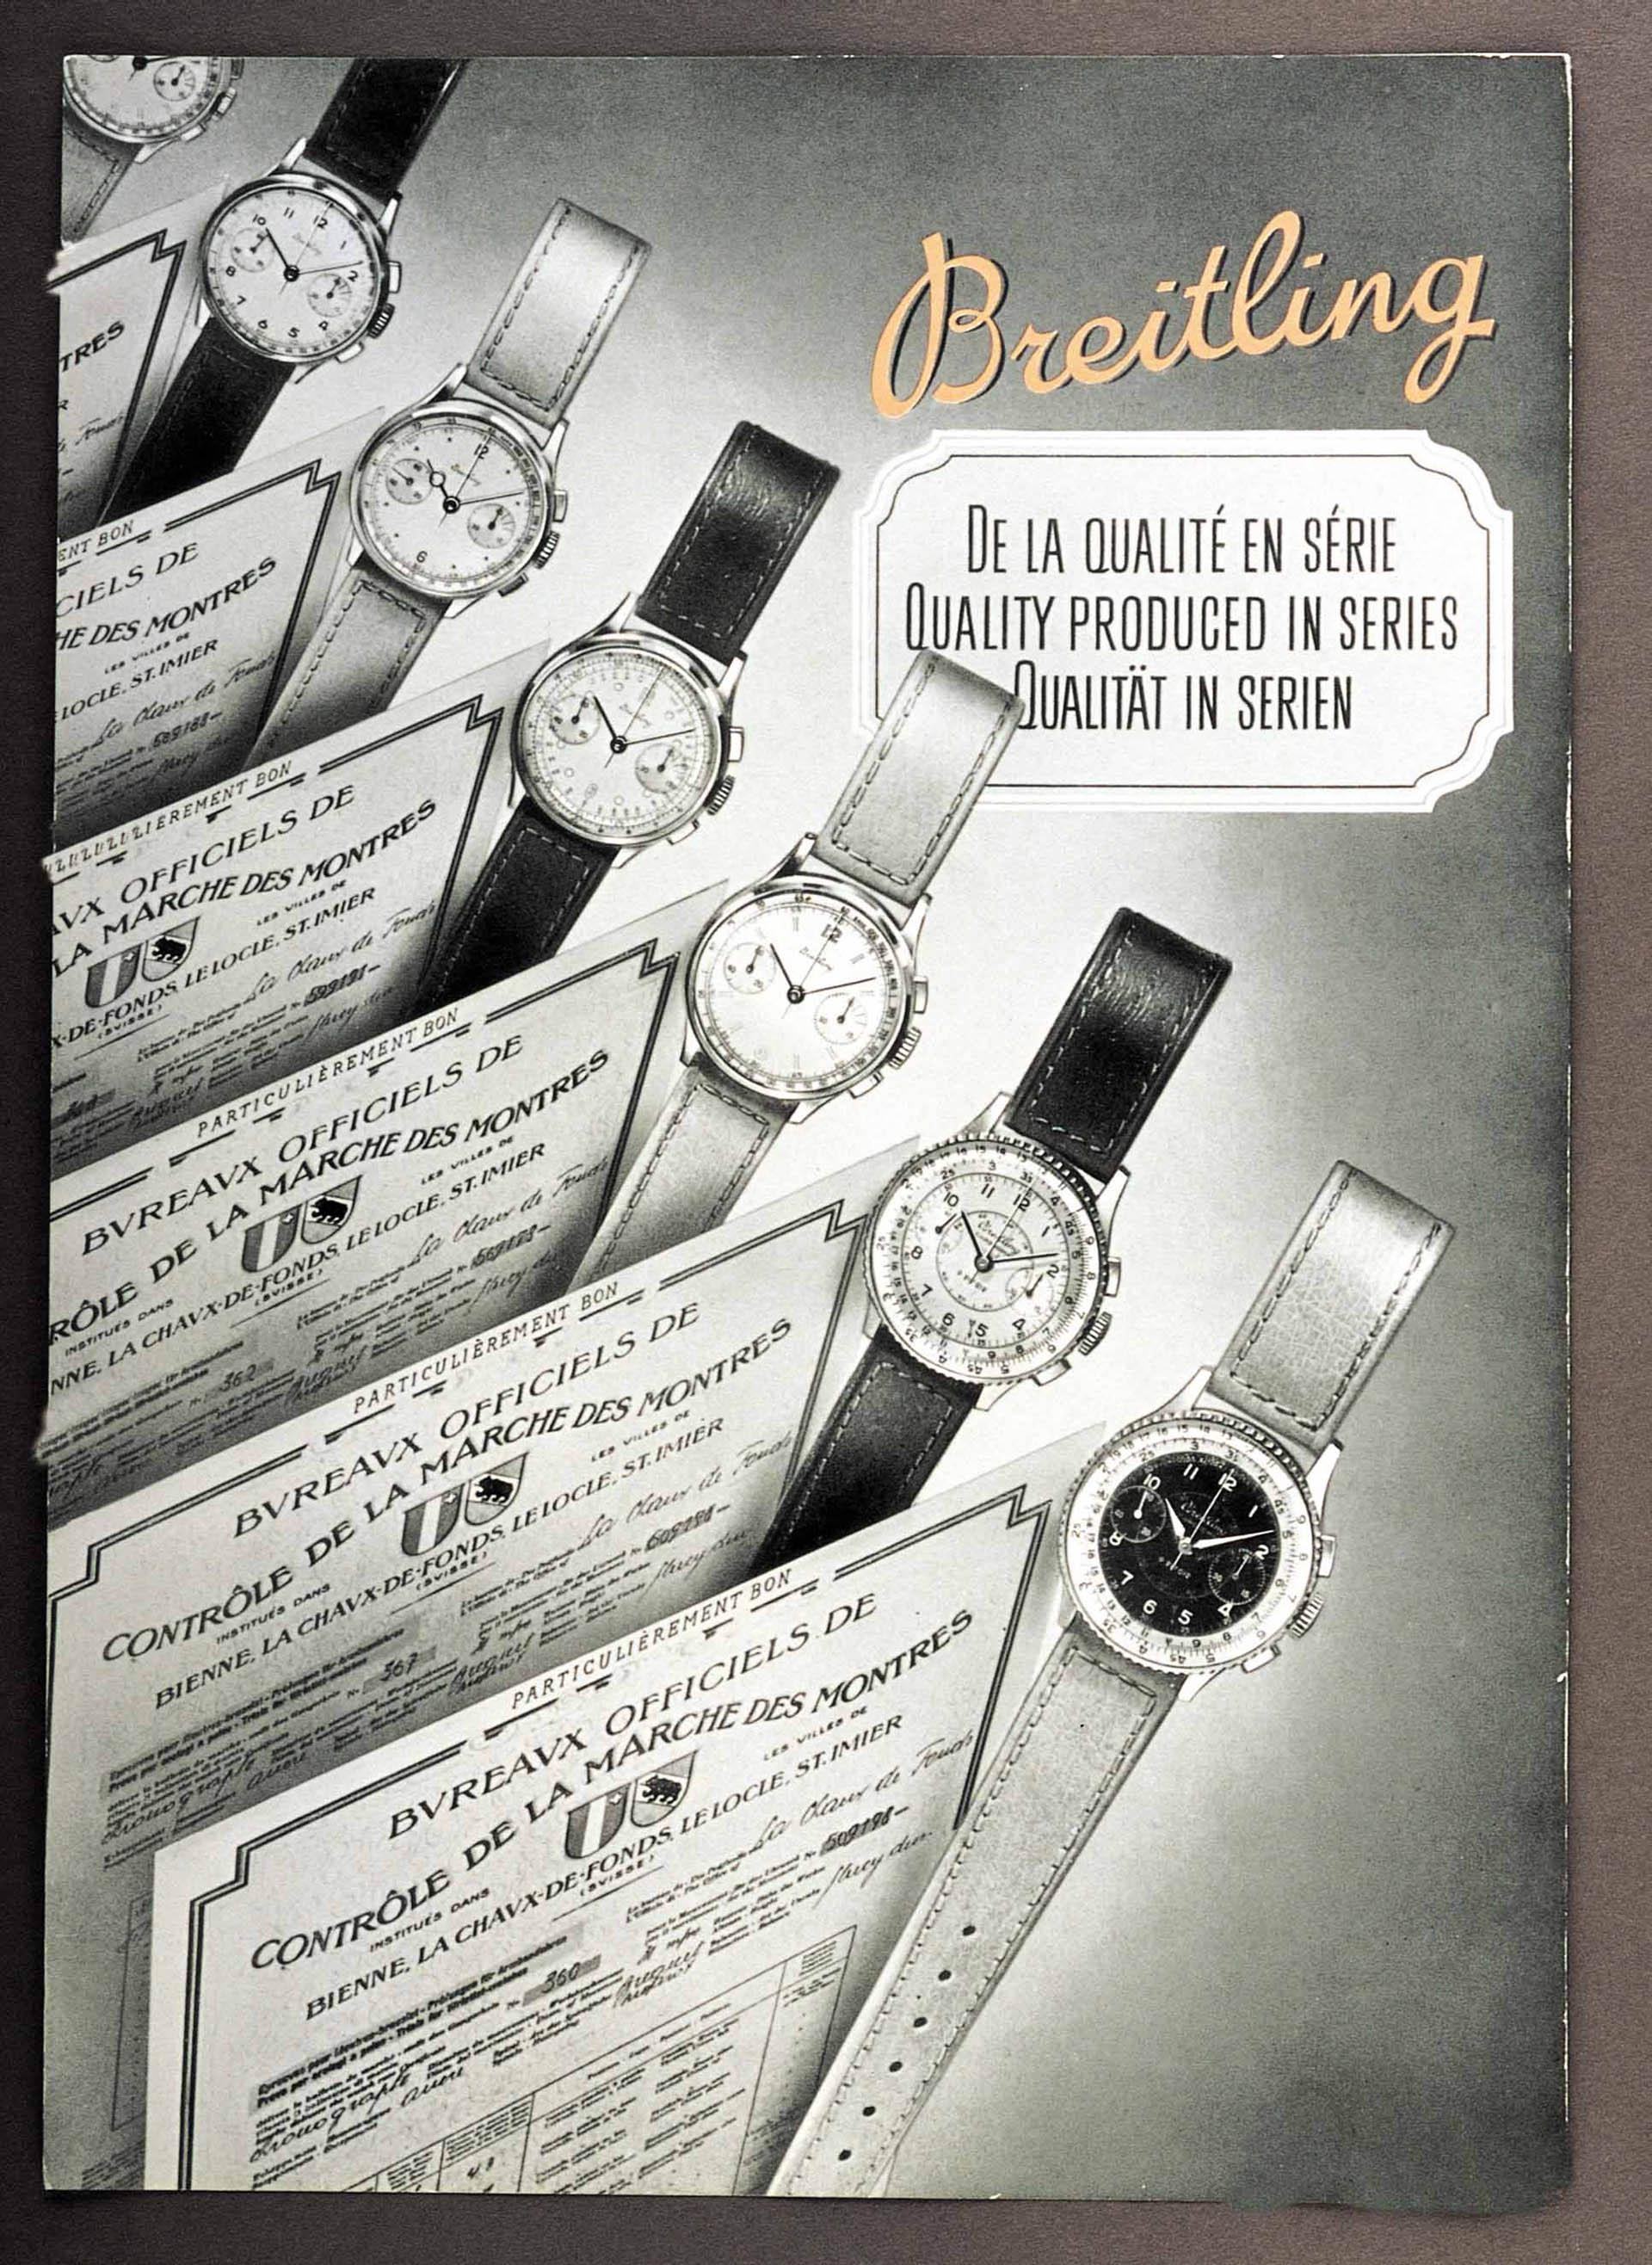 Breitling-Werbung von 1946: Qualität in Serie